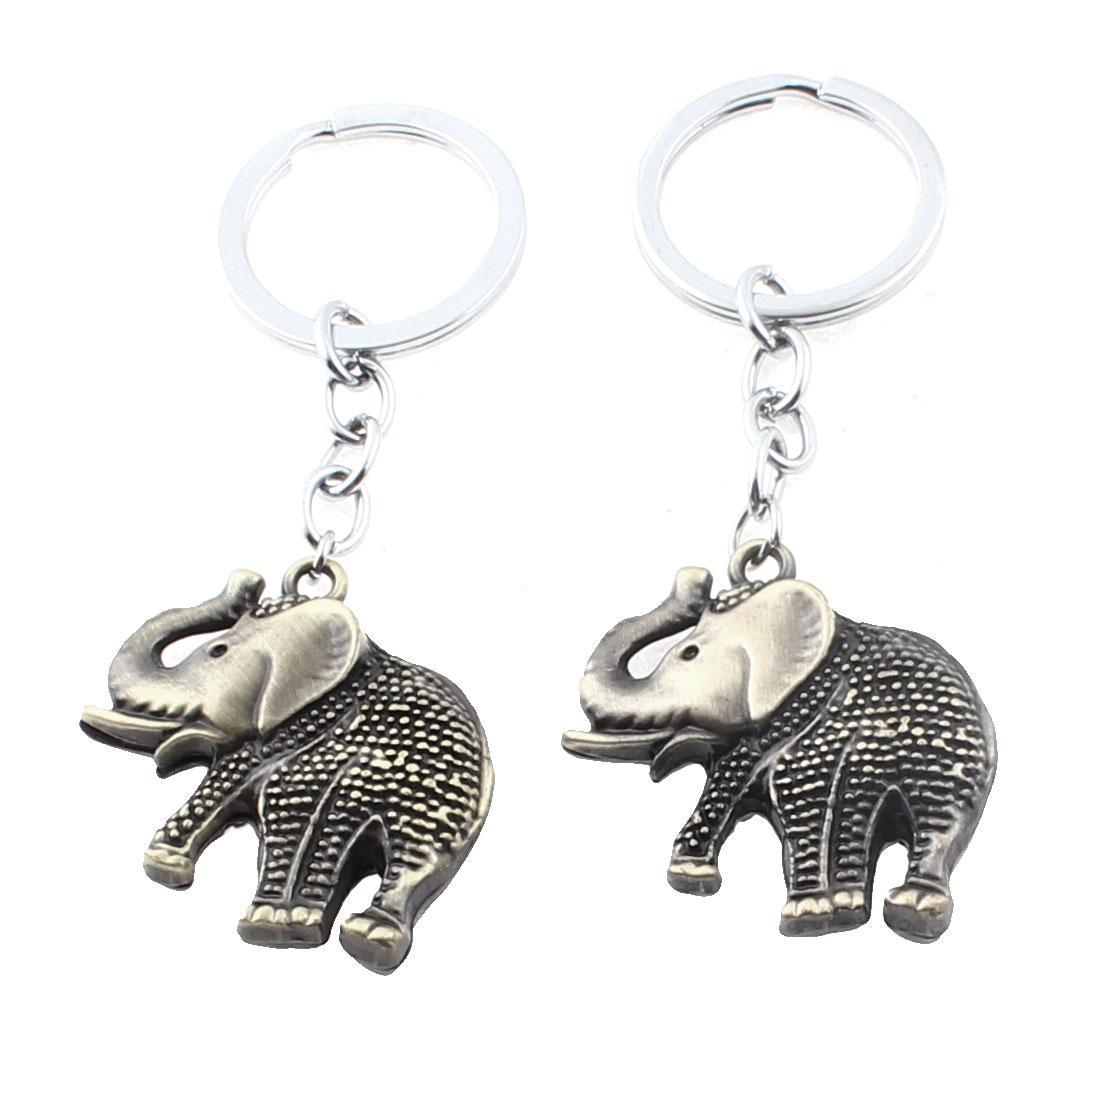 Metal Elephant Shaped Pendant Keychain Keyring Key Holder Bronze Tone 2pcs